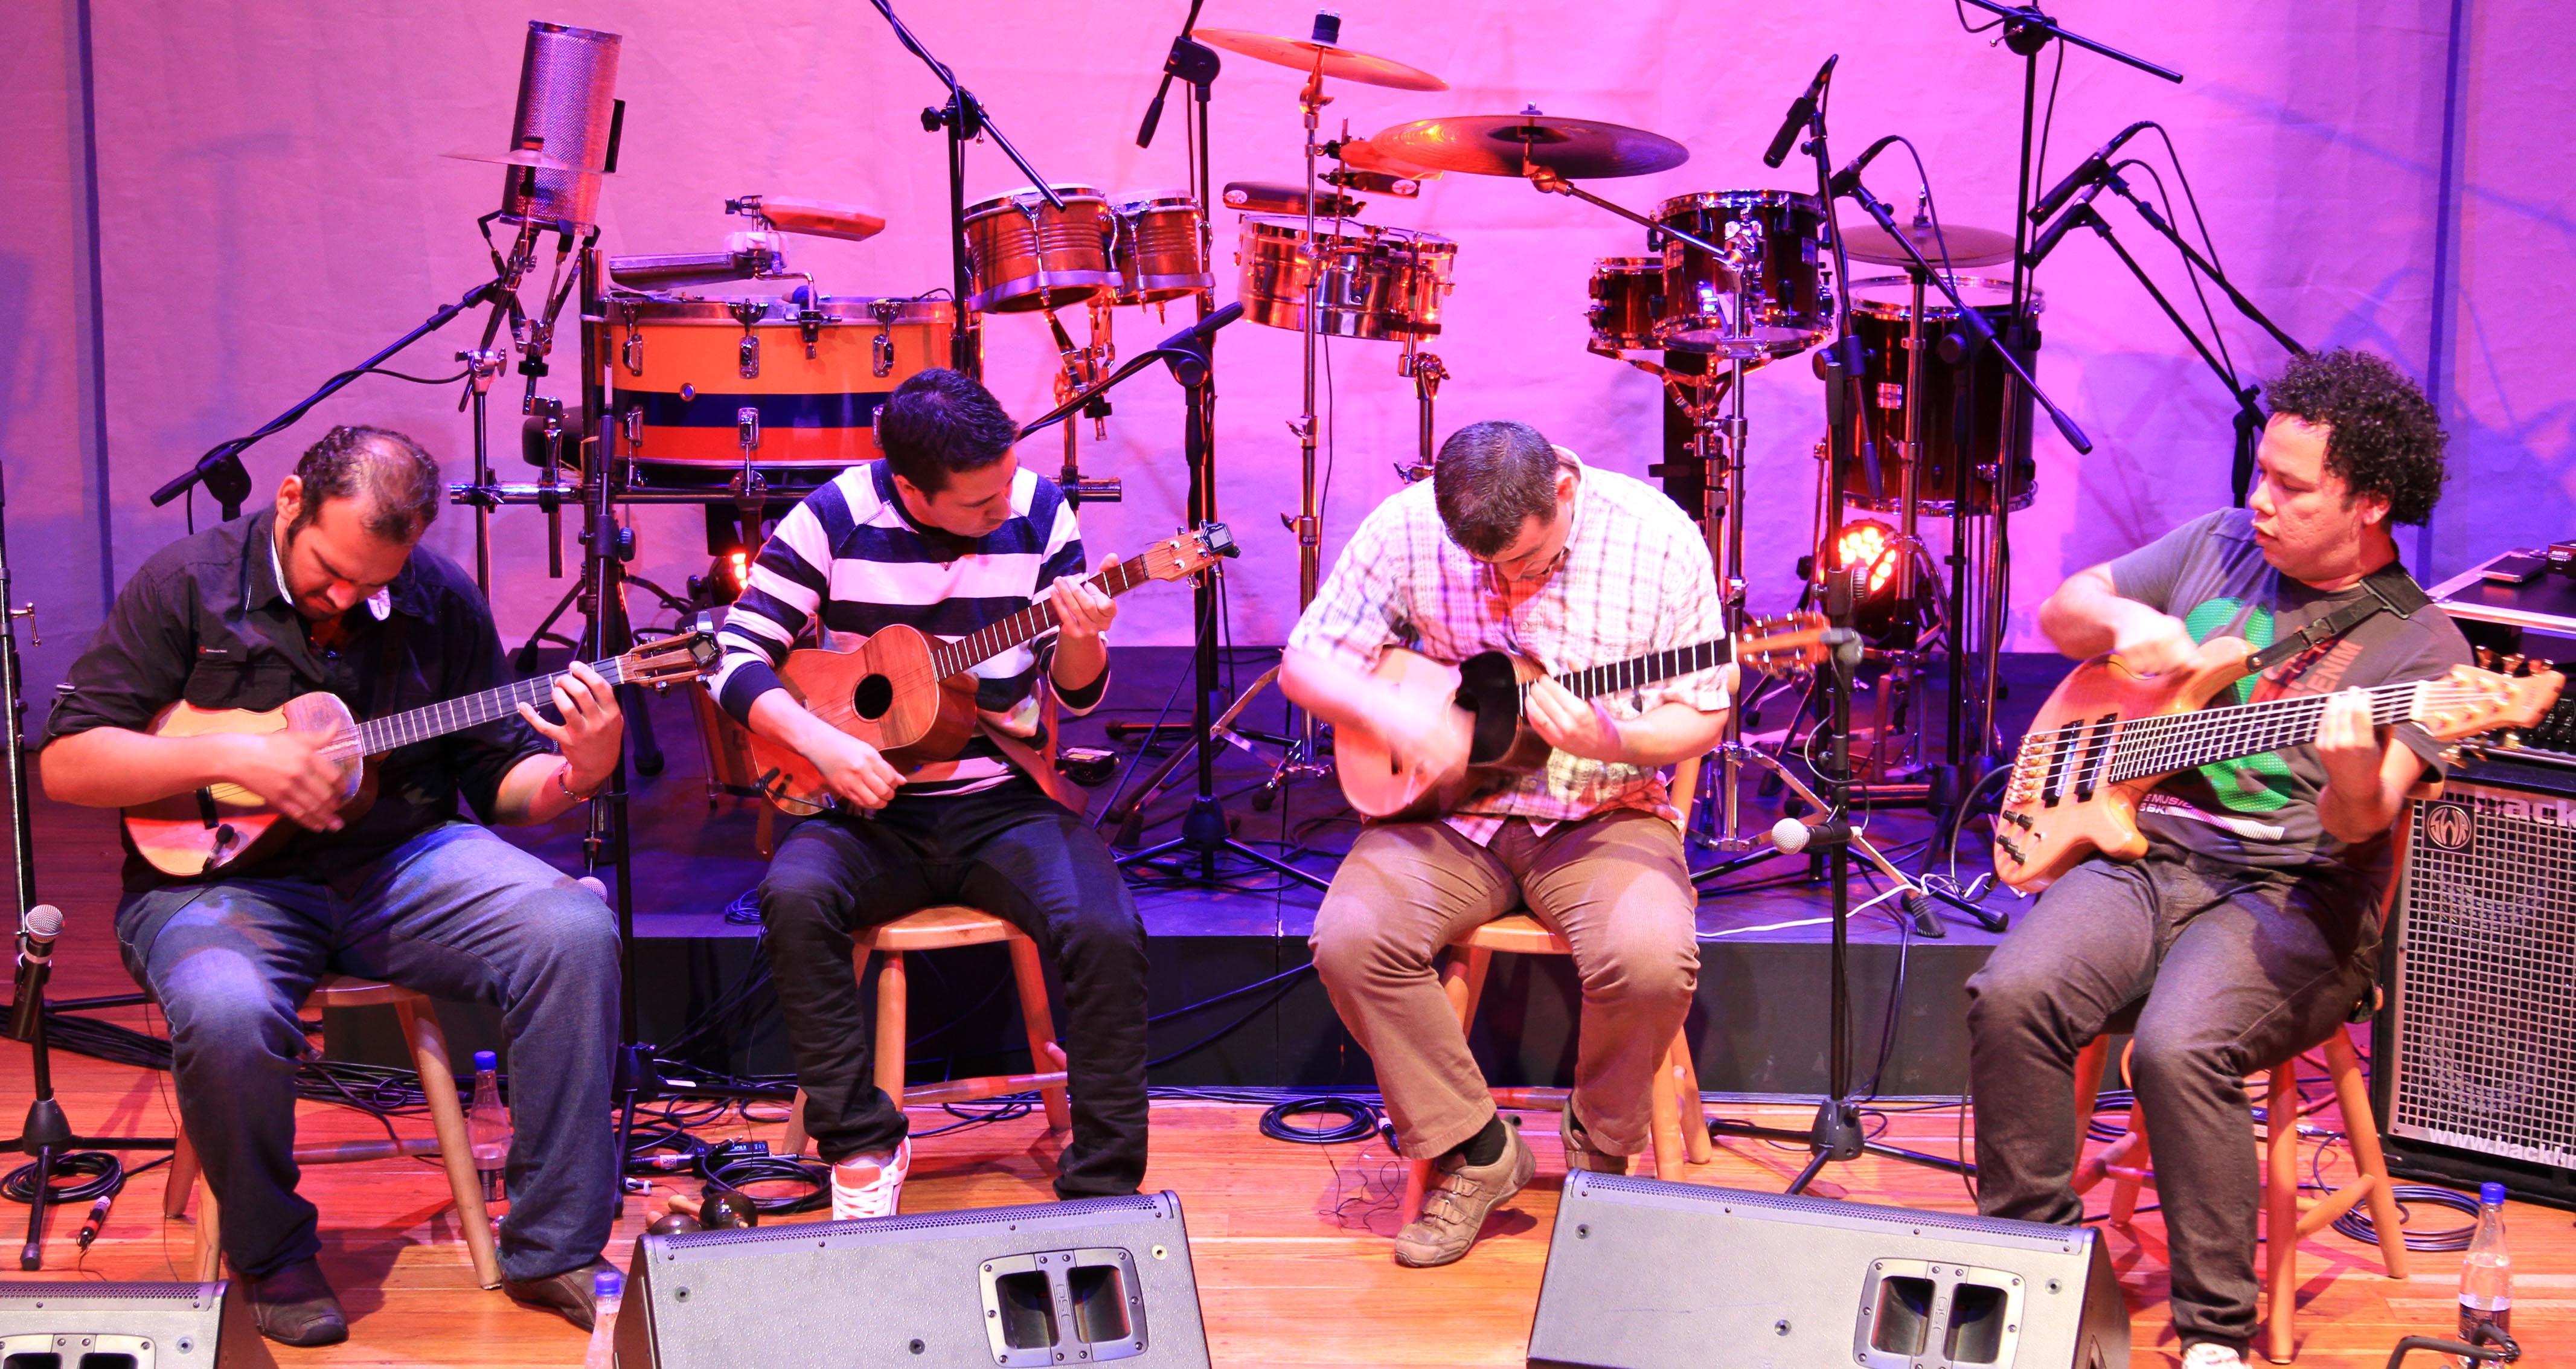 C4 trío triunfó en siete ciudades de Colombia